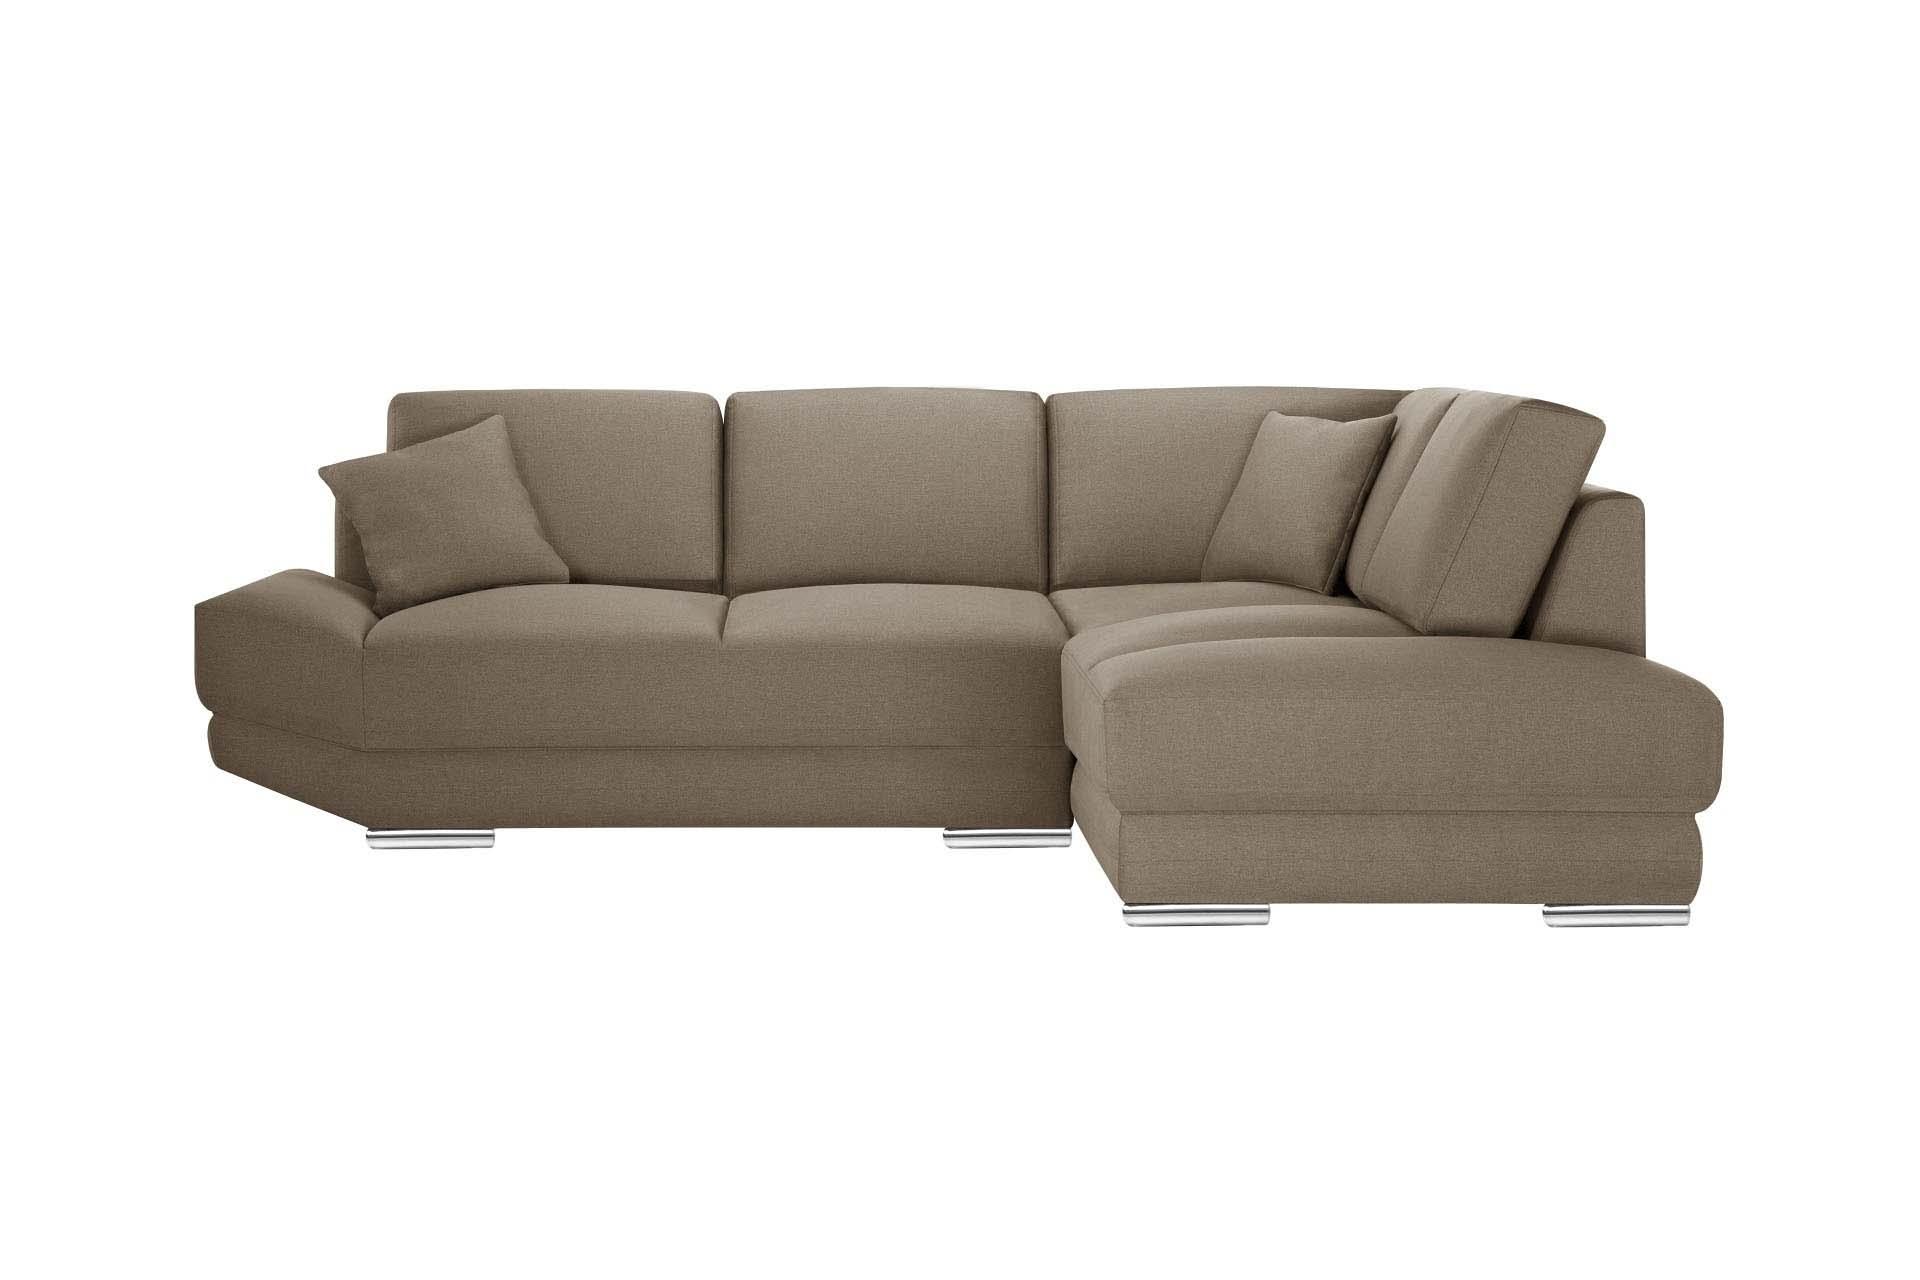 L'Officiel Interiors Canapé d'angle droit 5 places toucher lin noisette